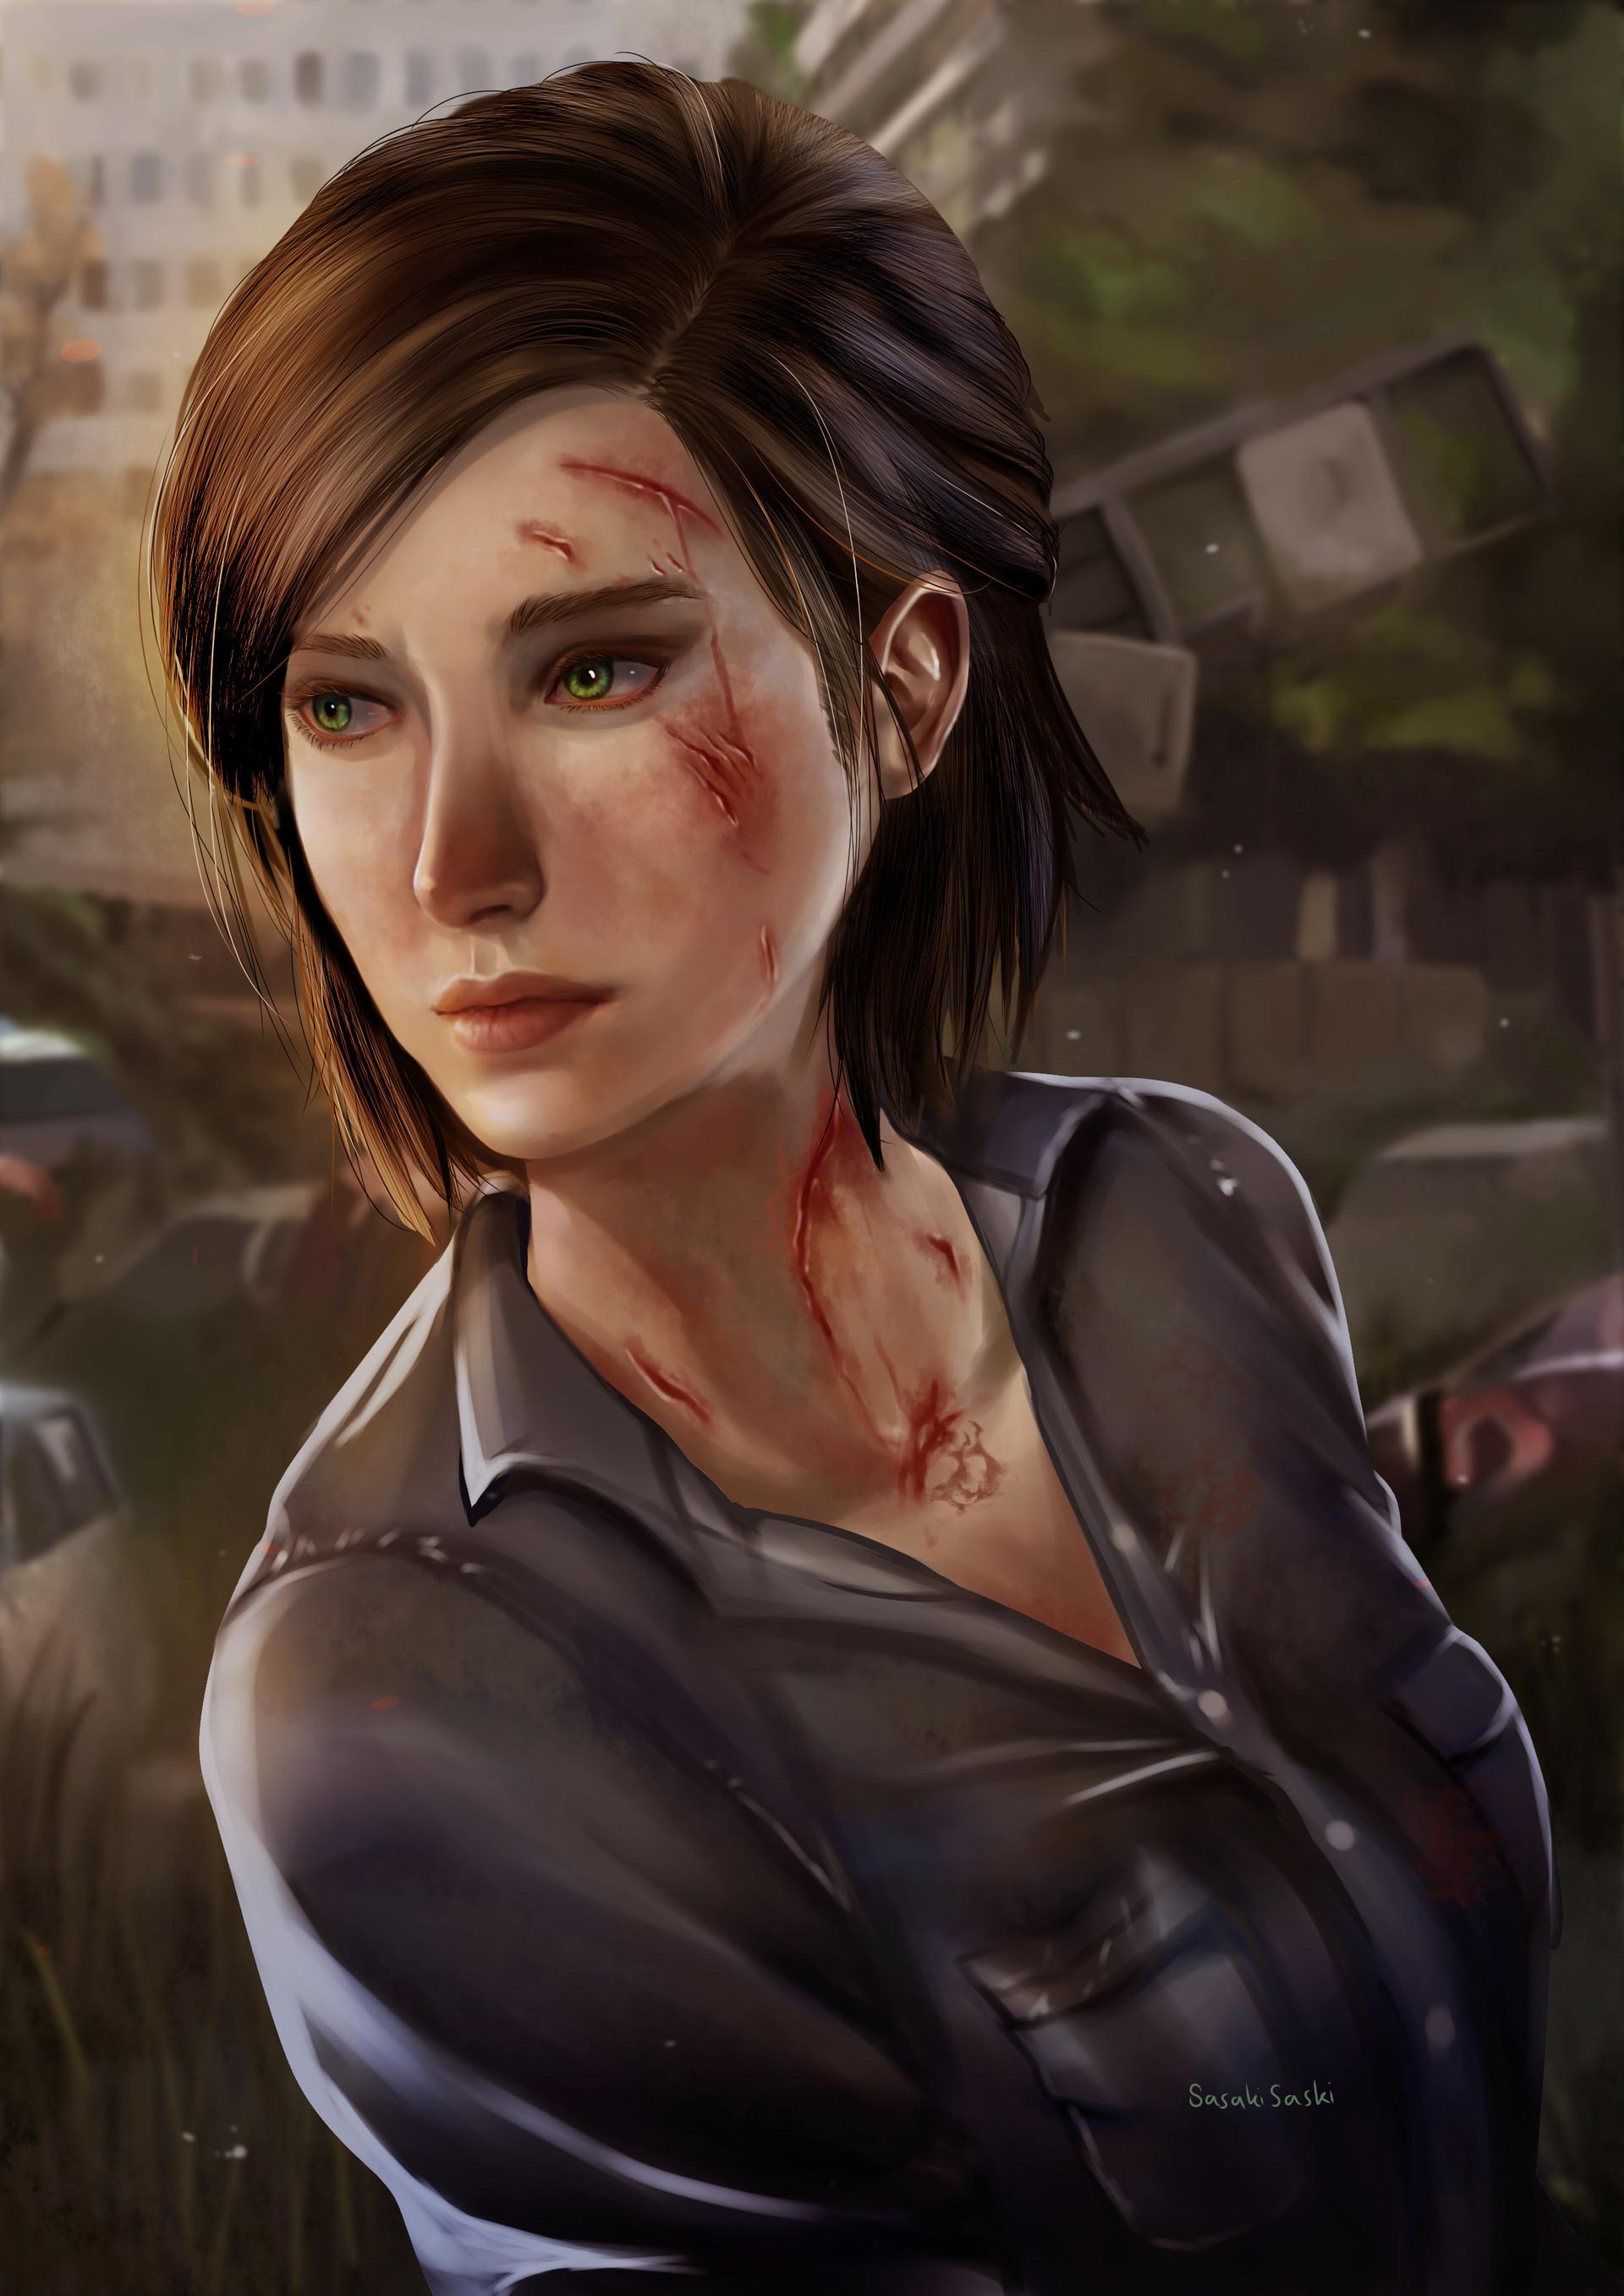 Dea Aulia Sari Ellie The Last Of Us 2 Fanart